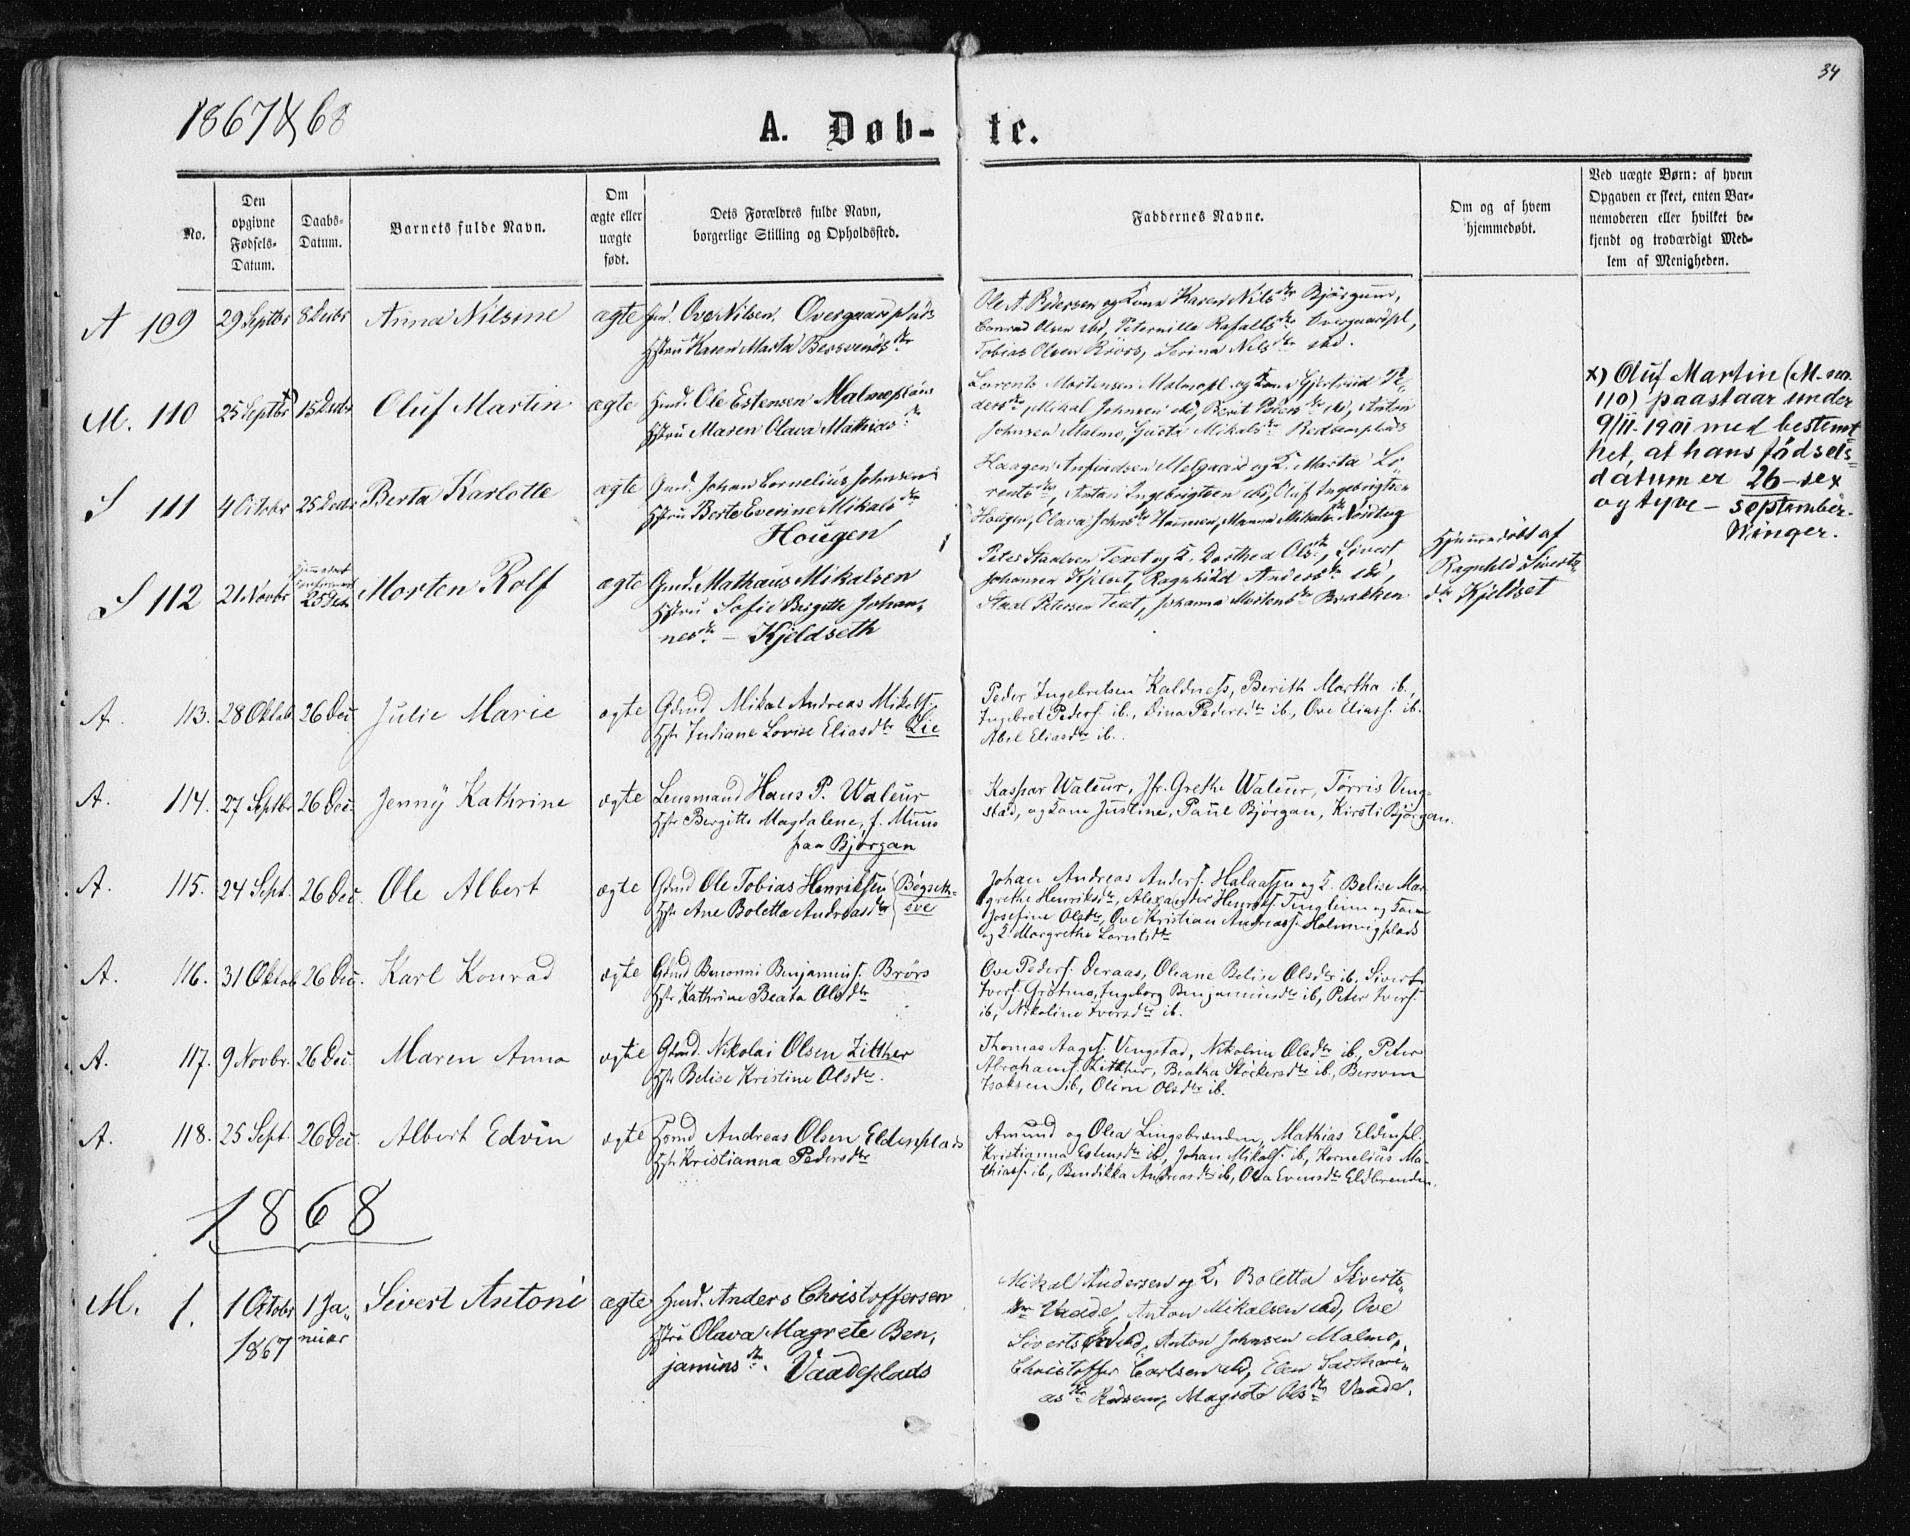 SAT, Ministerialprotokoller, klokkerbøker og fødselsregistre - Nord-Trøndelag, 741/L0394: Ministerialbok nr. 741A08, 1864-1877, s. 34